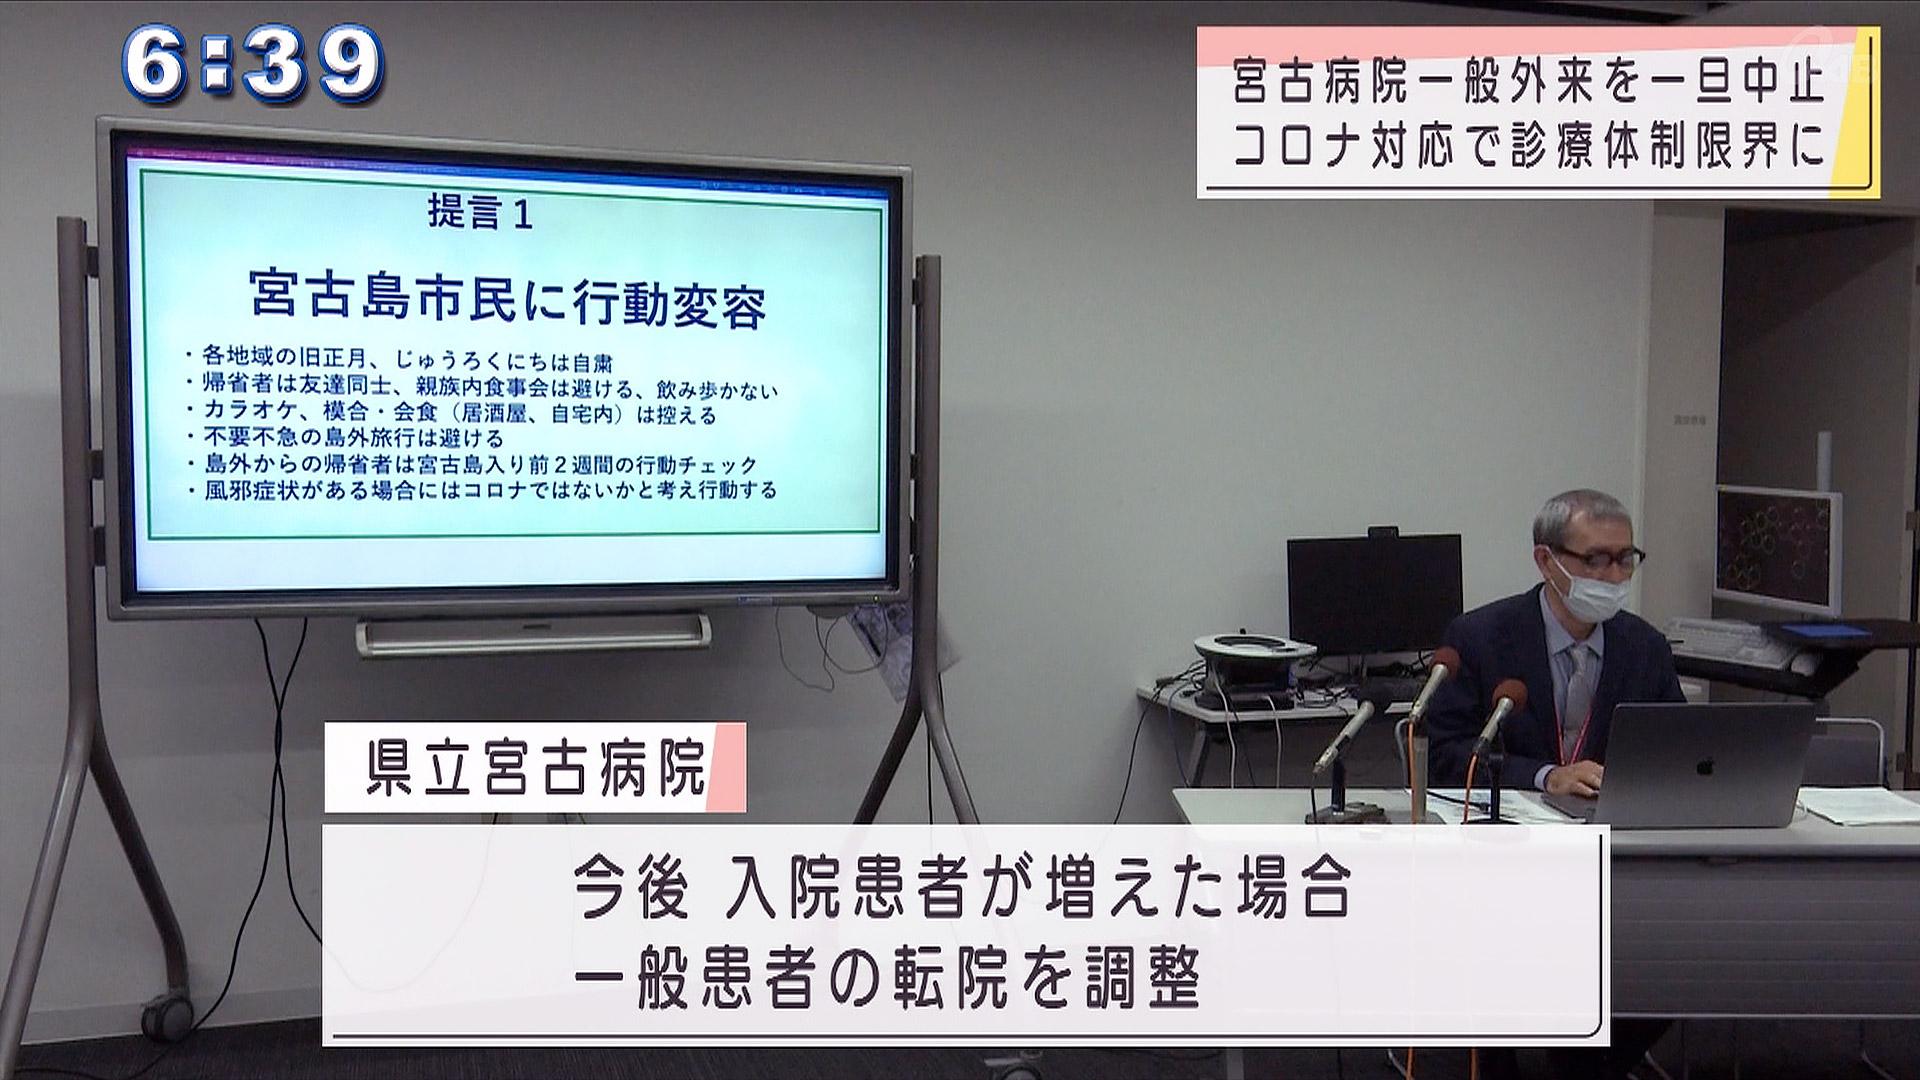 沖縄県立宮古病院 来月1日まで一般外来休止